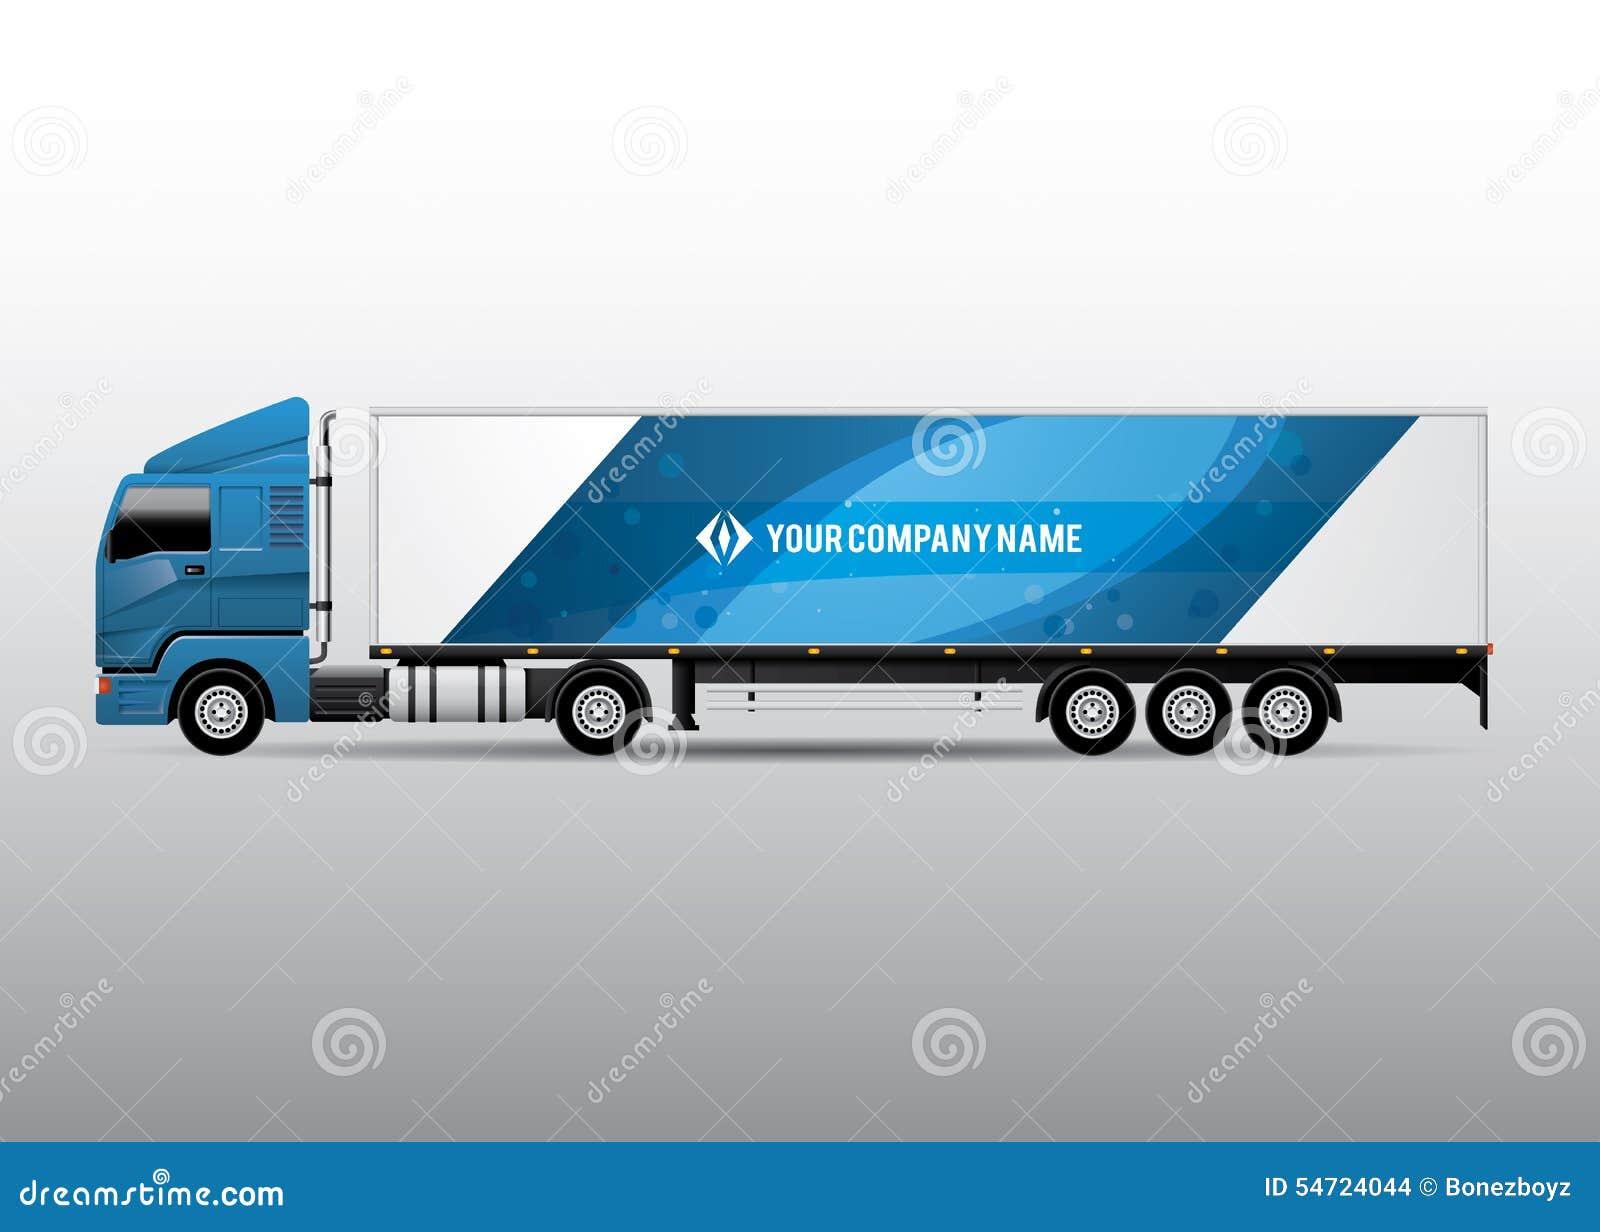 Camión del semi-remolque - anuncio y diseño de la identidad corporativa